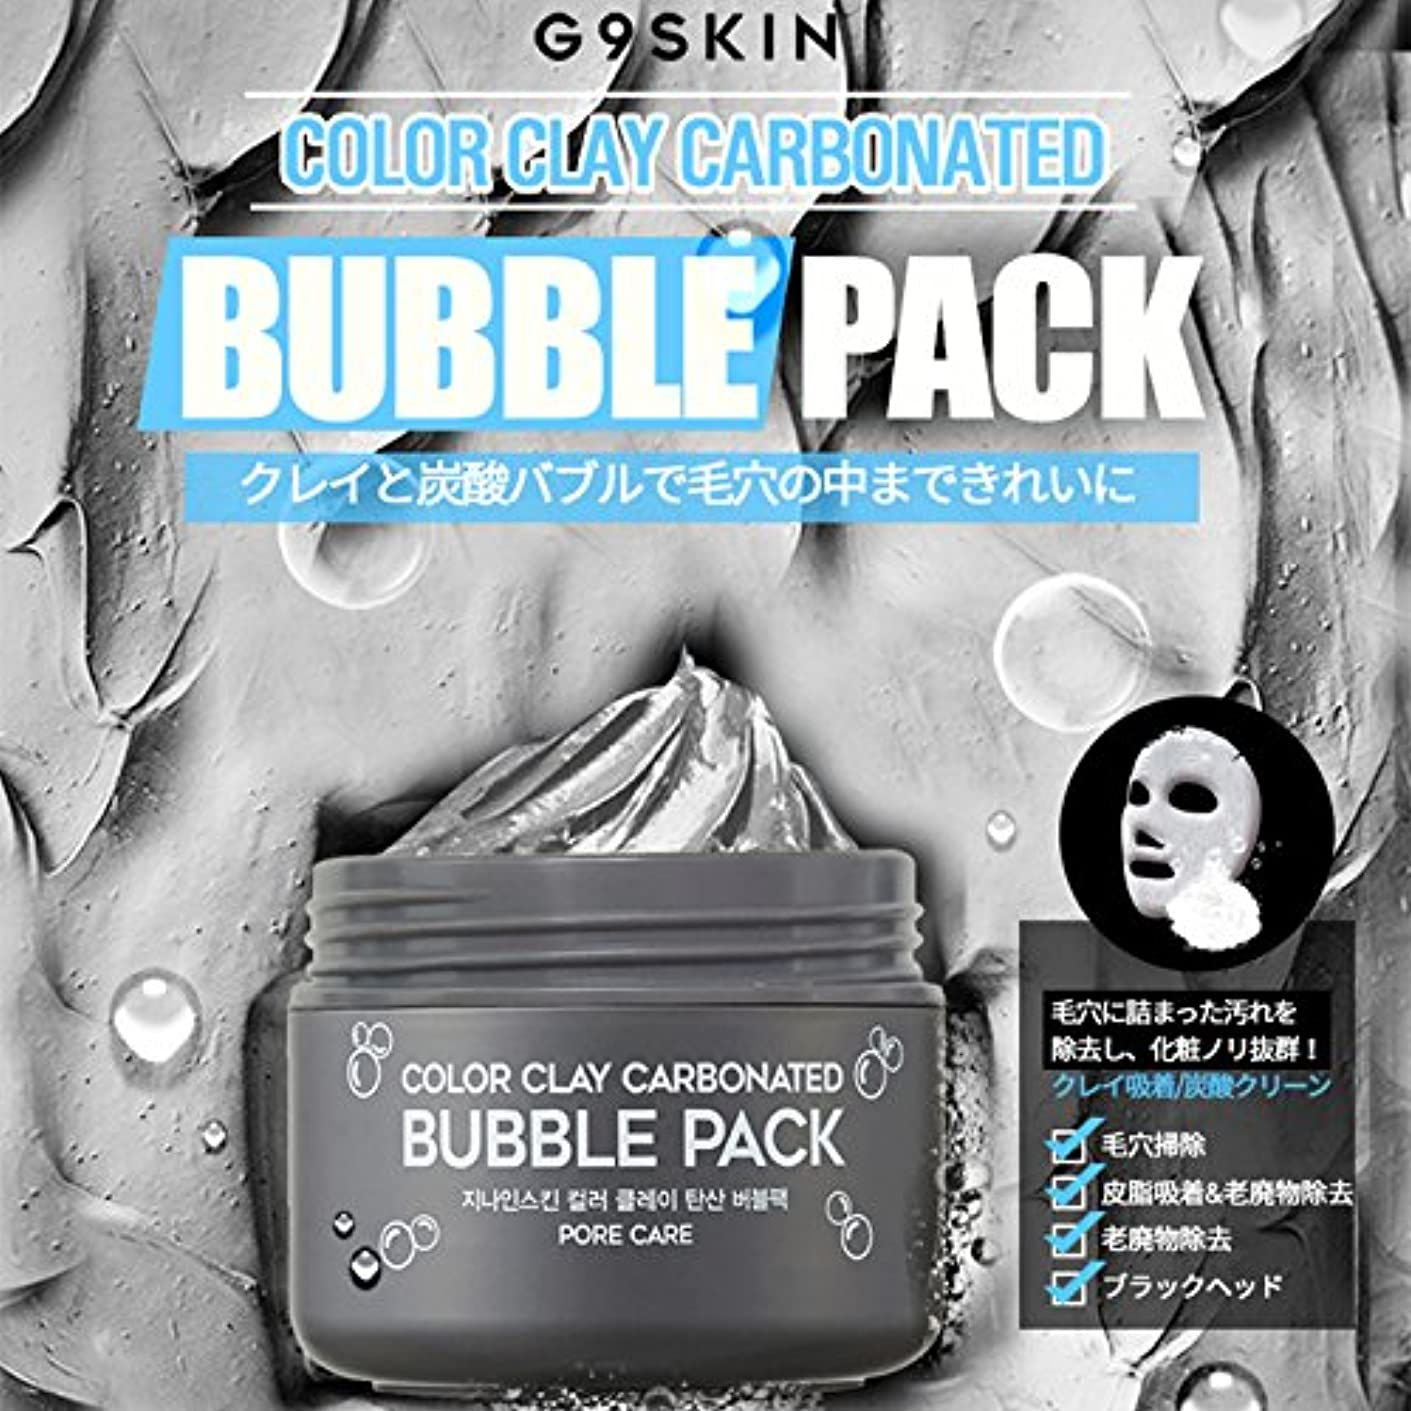 虐待政治家の花火[G9SKIN/G9スキン] Color Clay Carbonated Bubble Pack / カラークレイ炭酸バブルパック   100ml 炭酸 バブル 韓国コスメ Skingarden/スキンガーデン